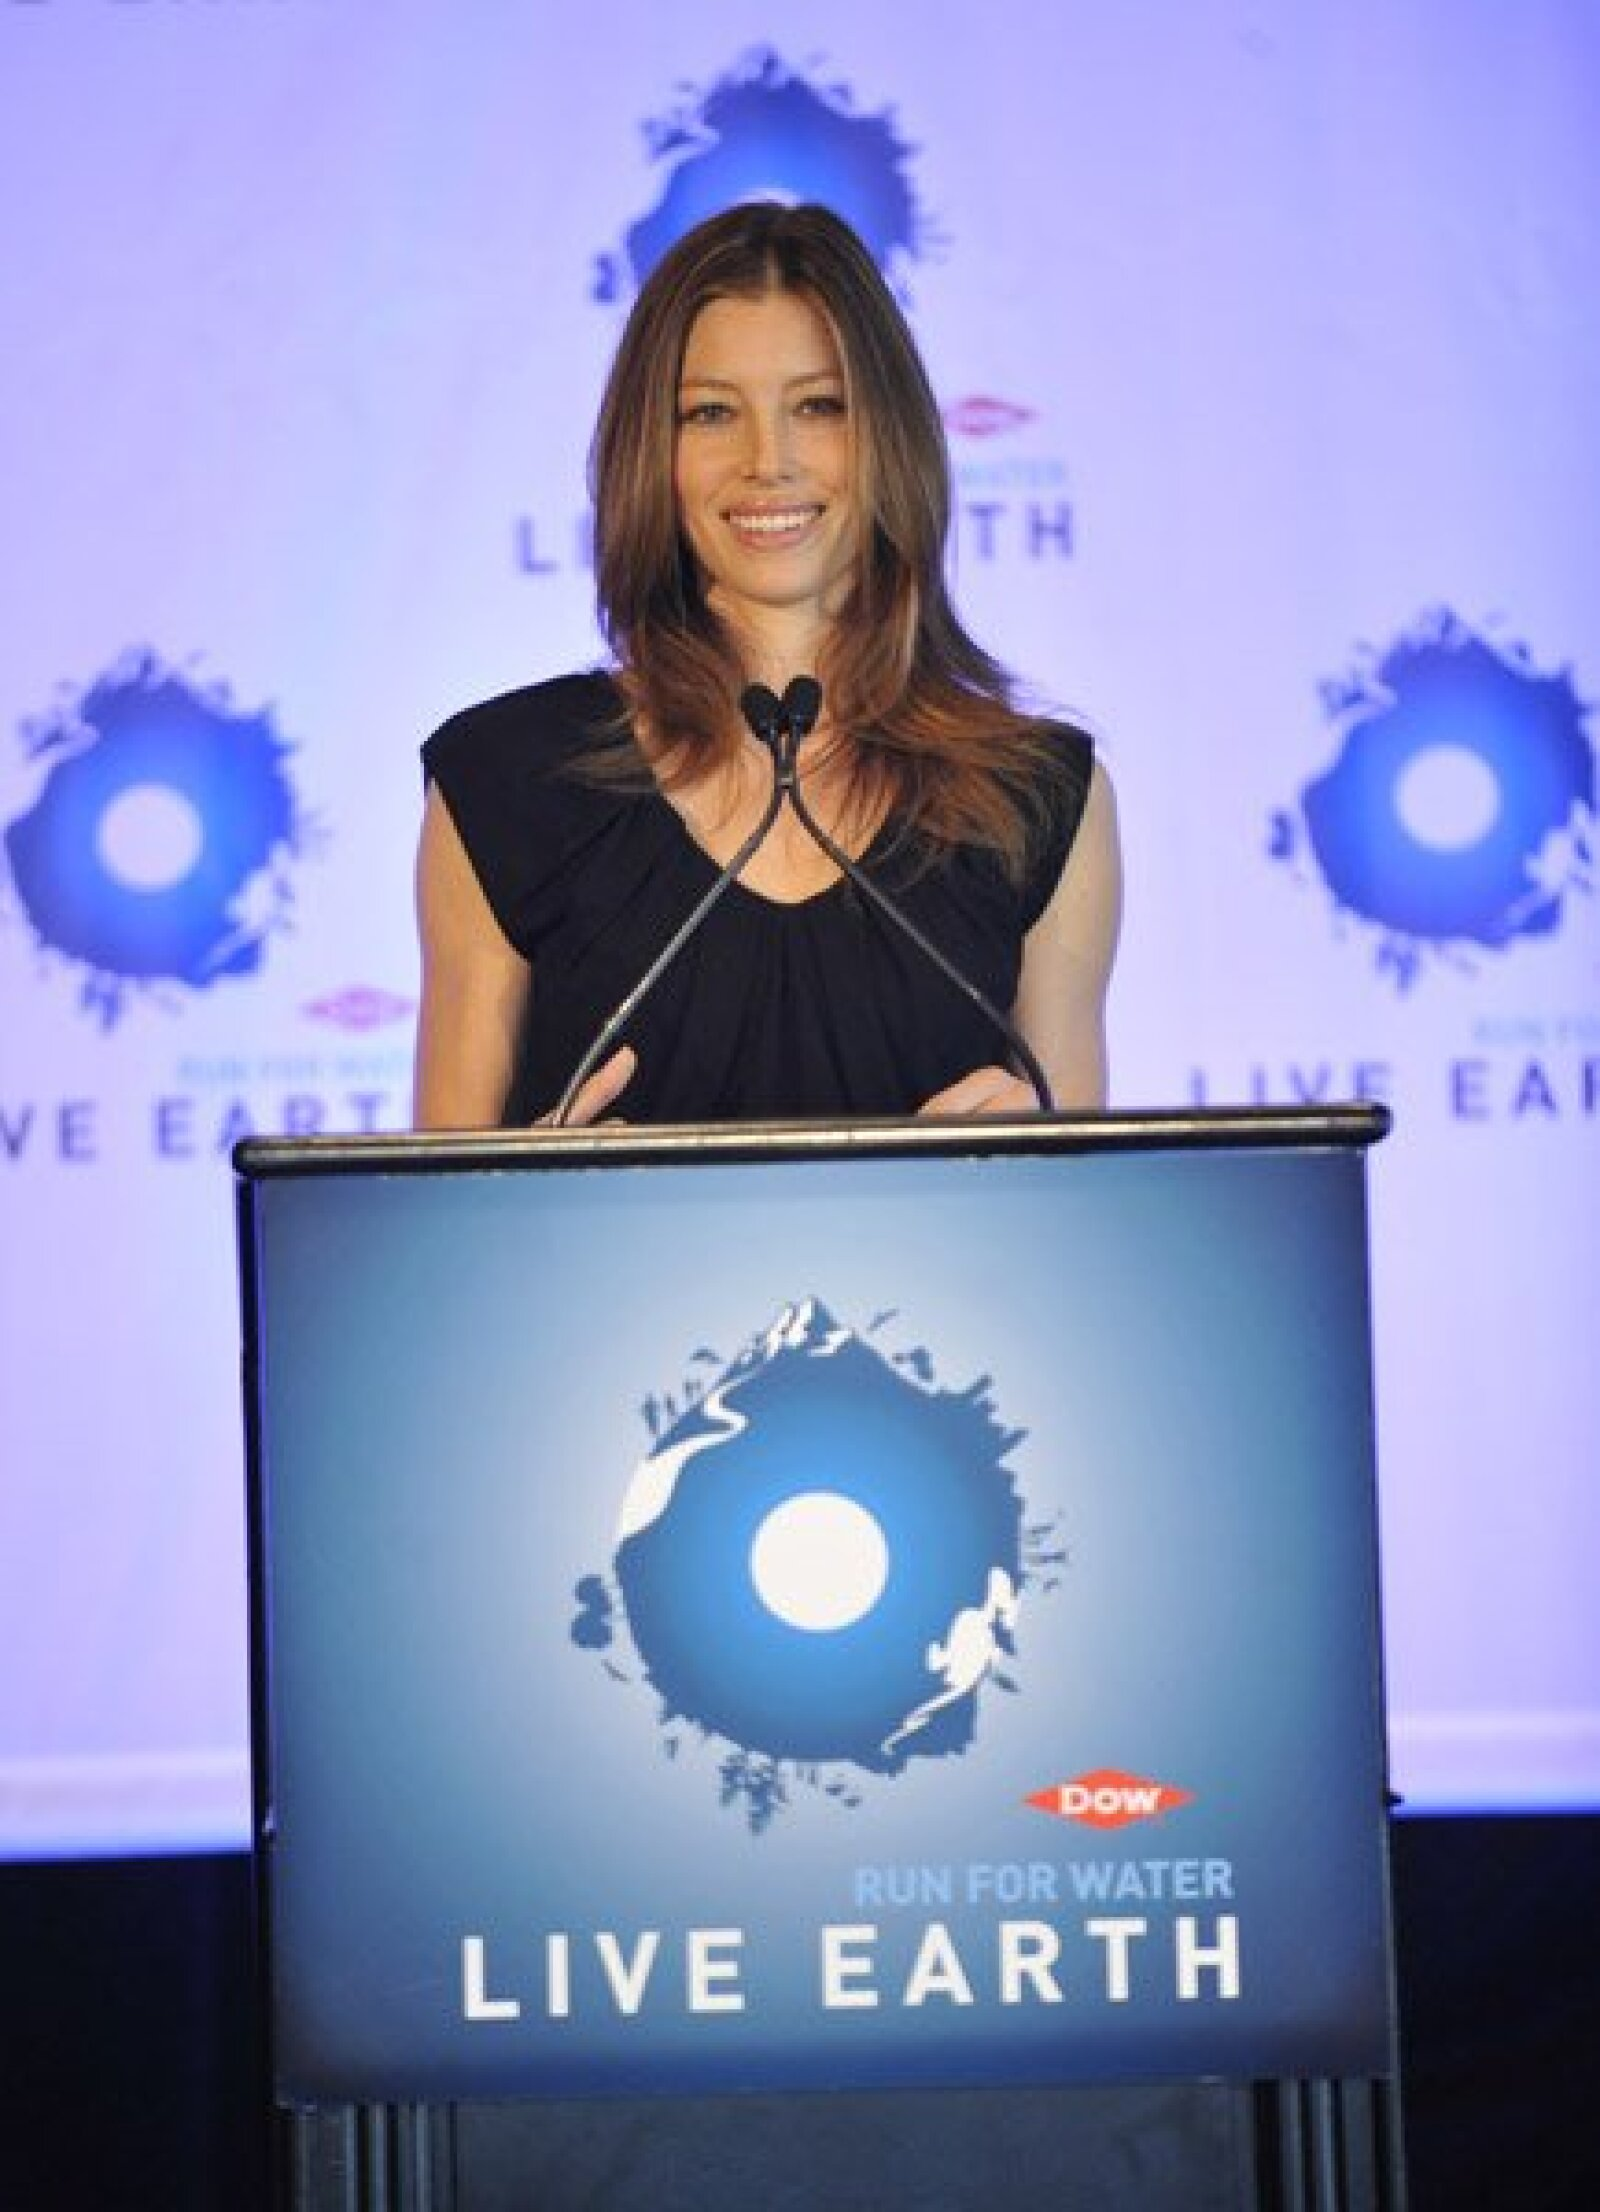 La actriz Jessica Biel se encuentra preocupada por la tierra y sus recursos naturales y por ello se unió a Dow Live Earth Run For Water, para ayudar en la crisis mundial de agua.